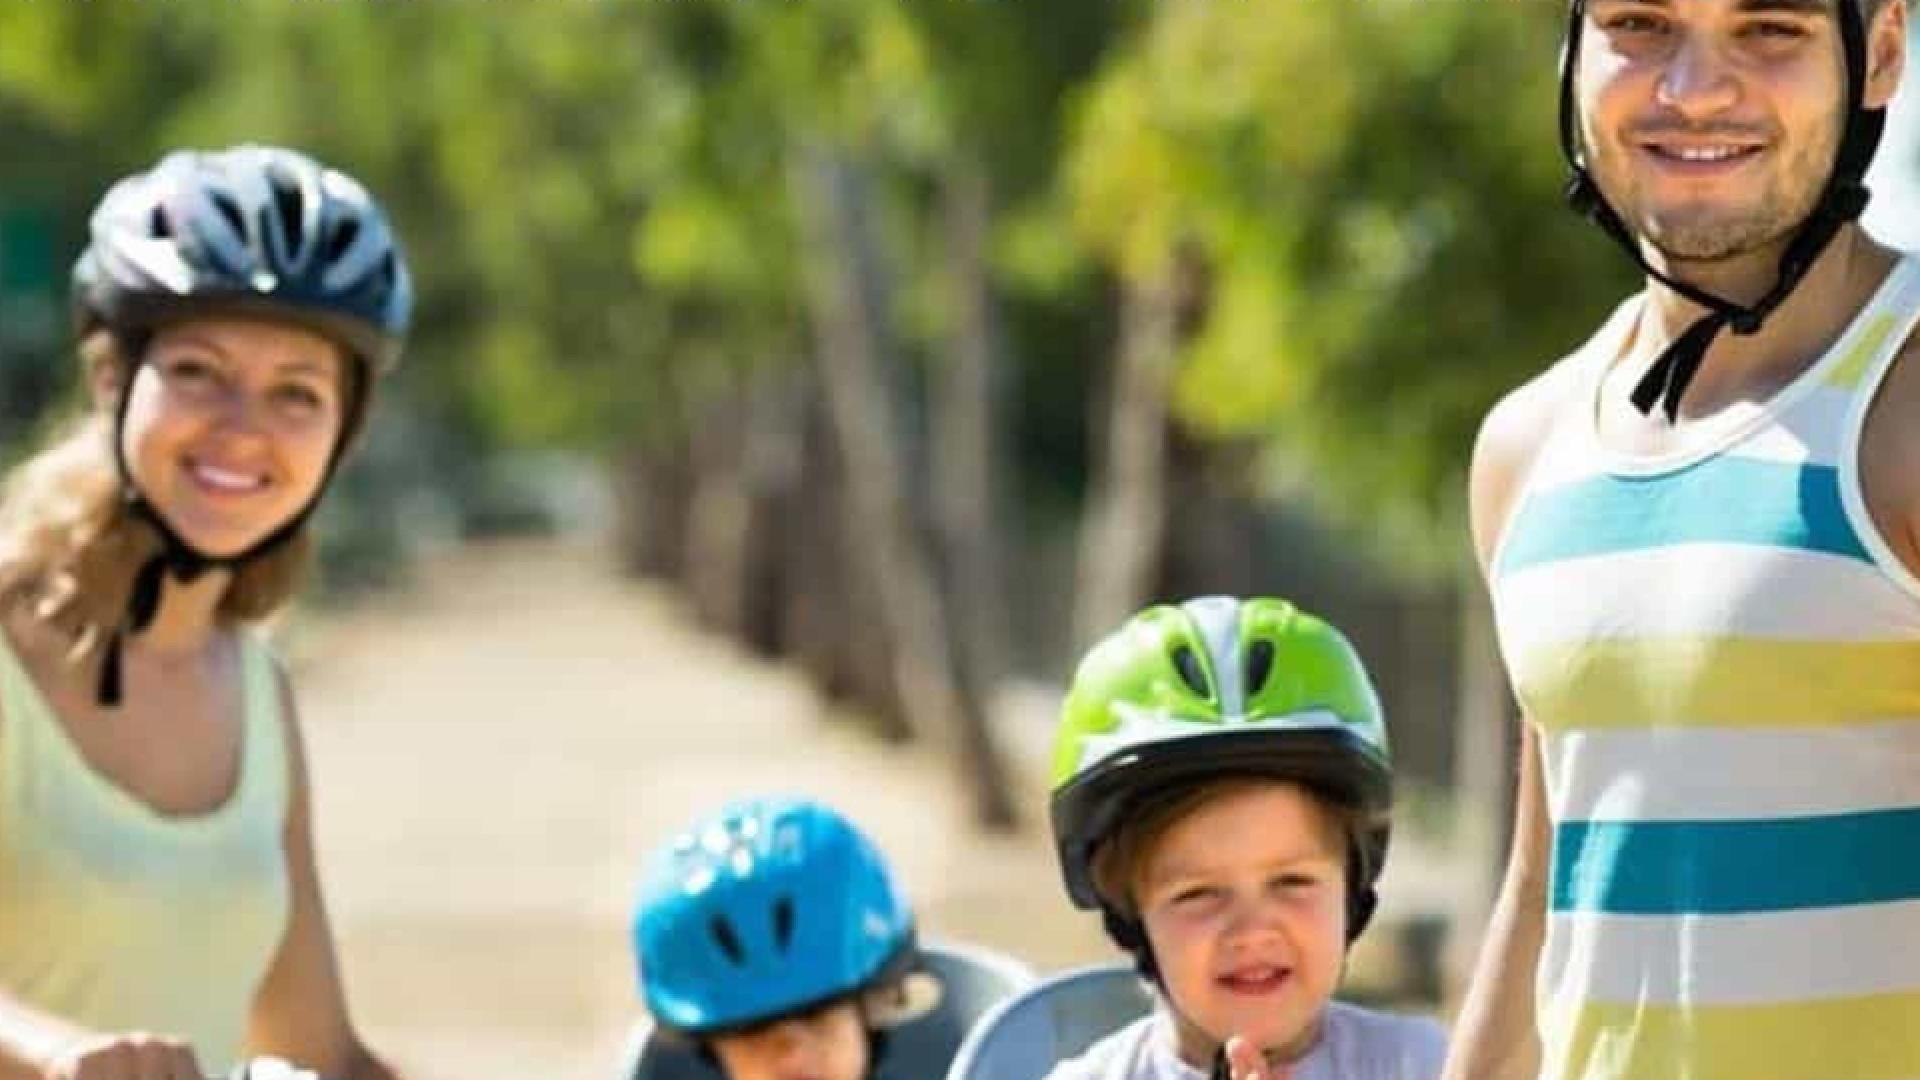 Com saudades de viajar? 'Bike4tourism' vai 'cruzar' fronteiras já em maio